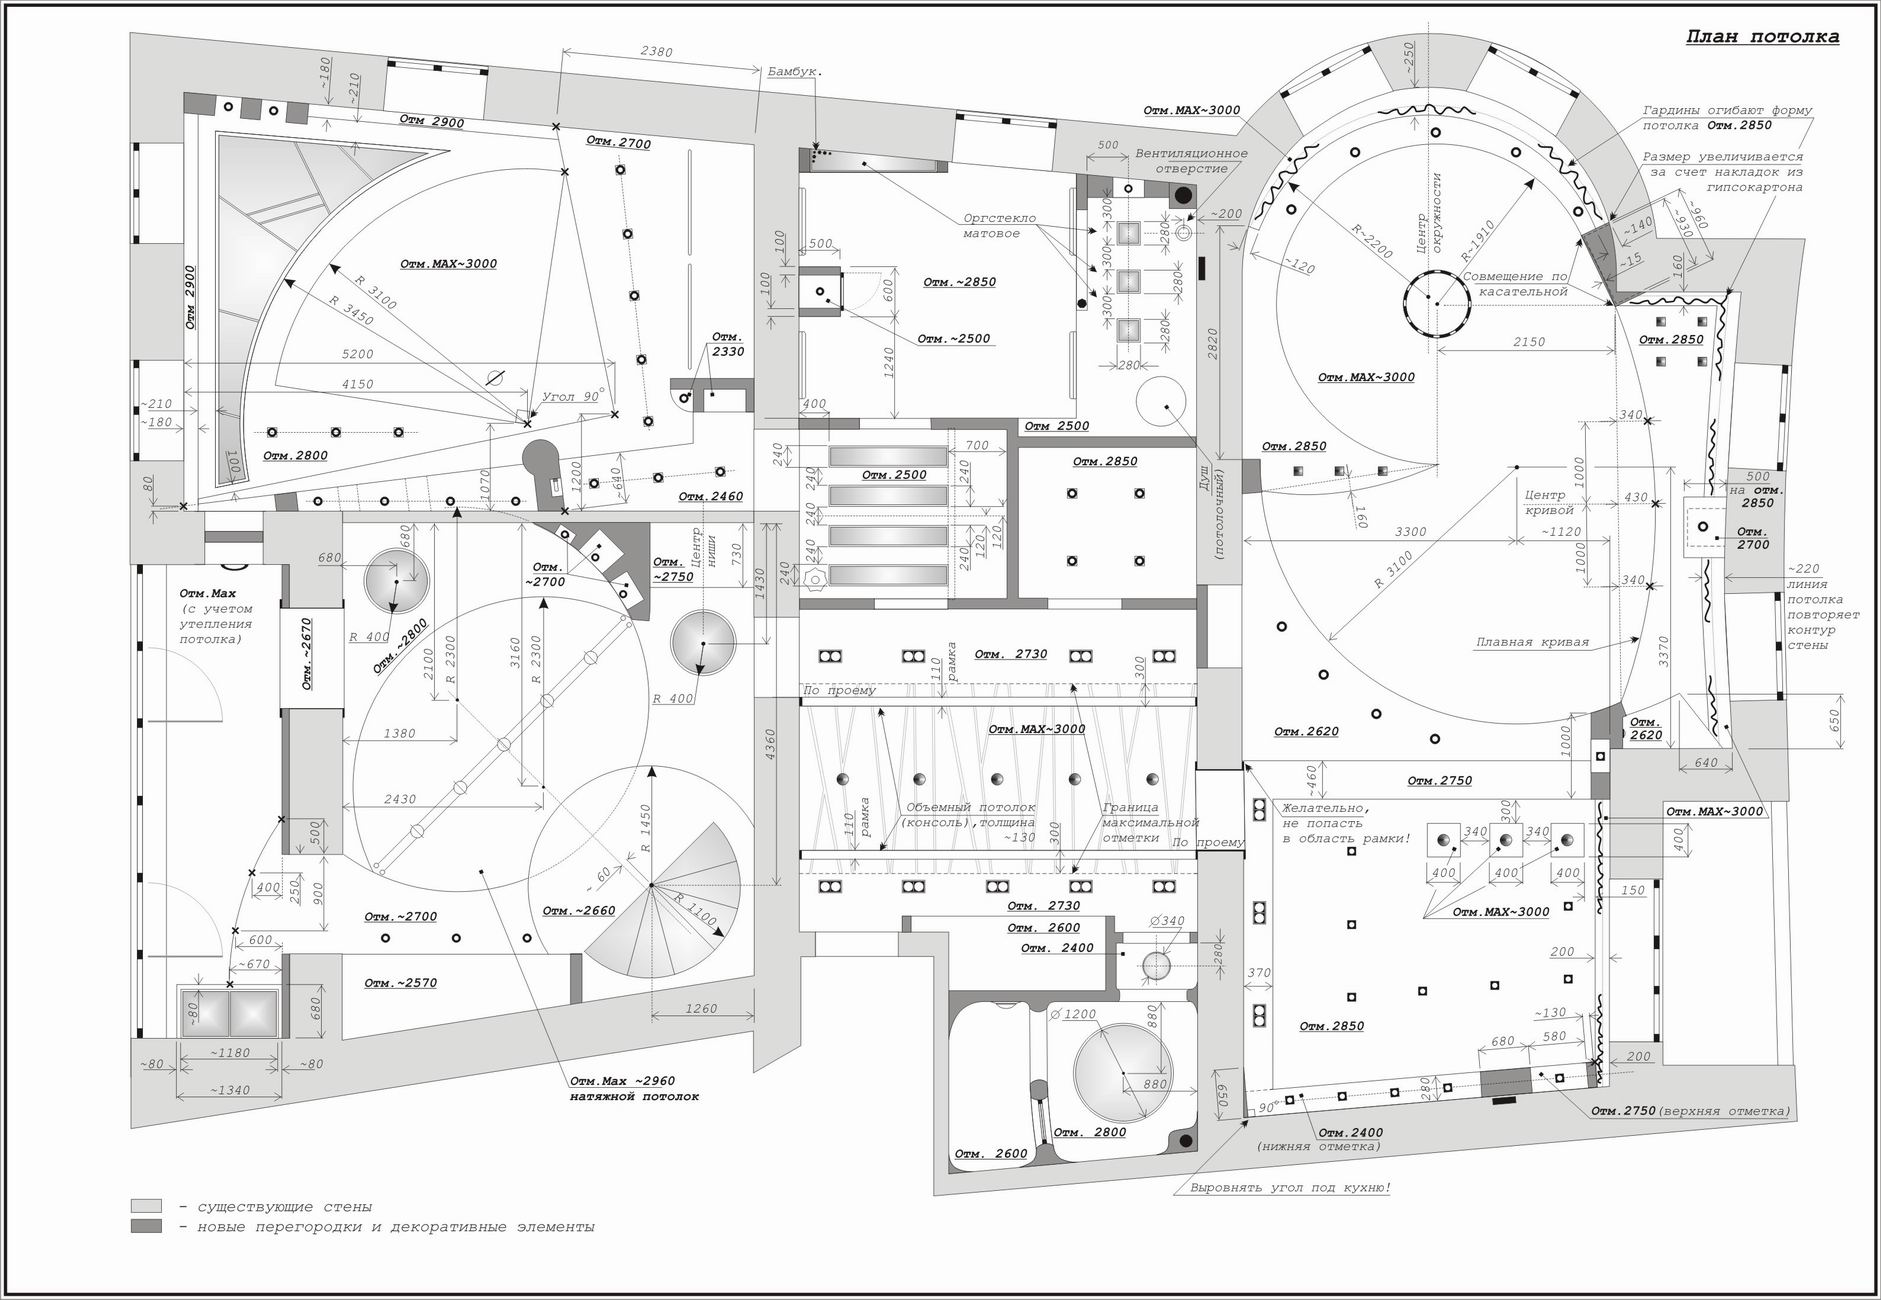 Как сделать чертеж квартиры